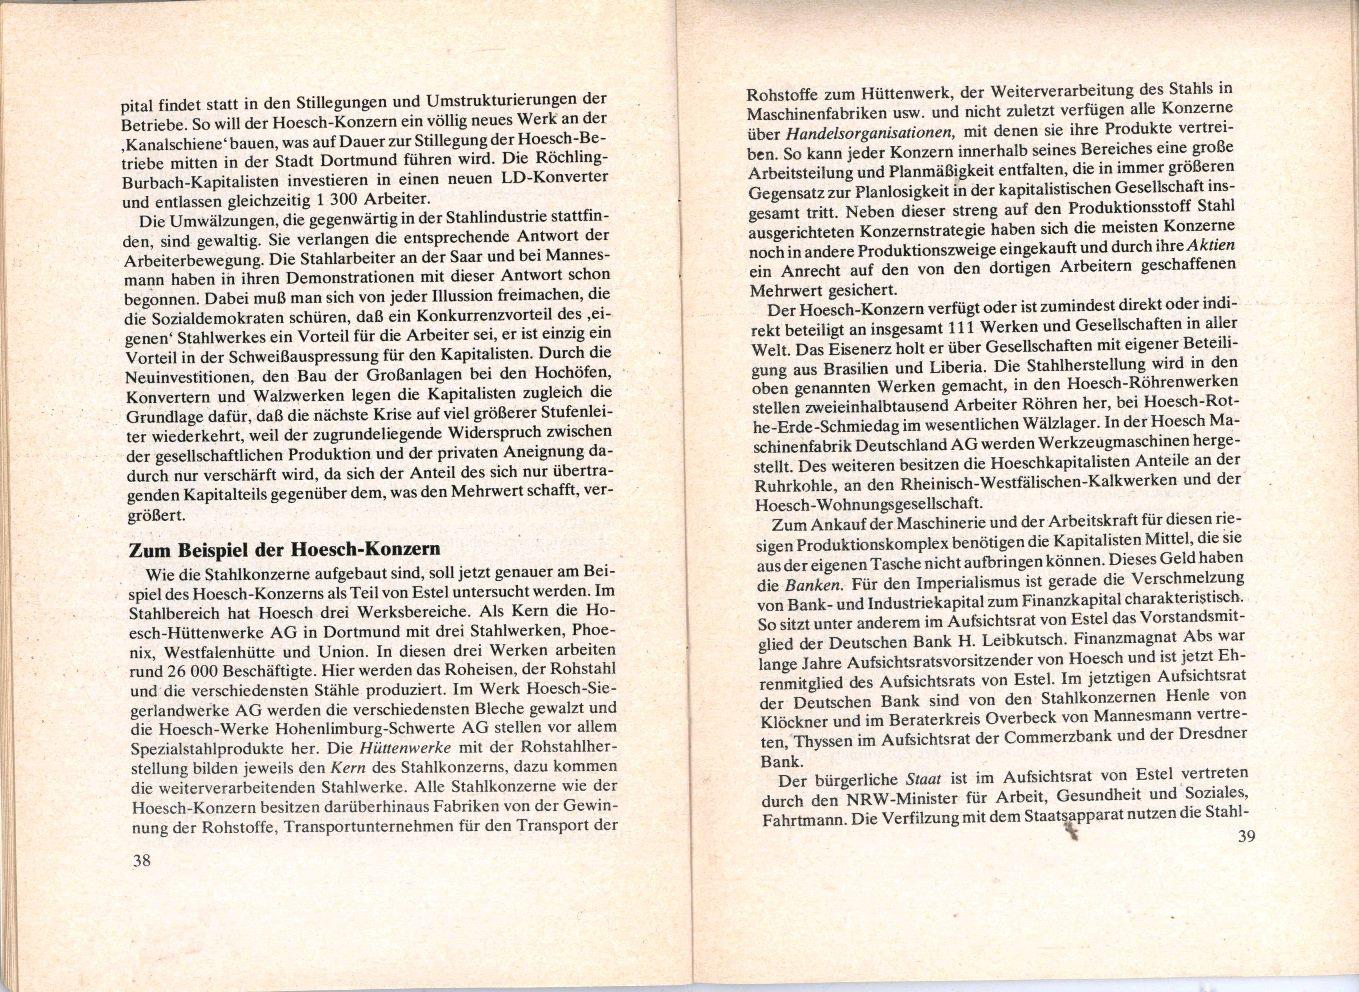 IGM_KBW_Krise_in_der_Stahlindustrie_1977_21